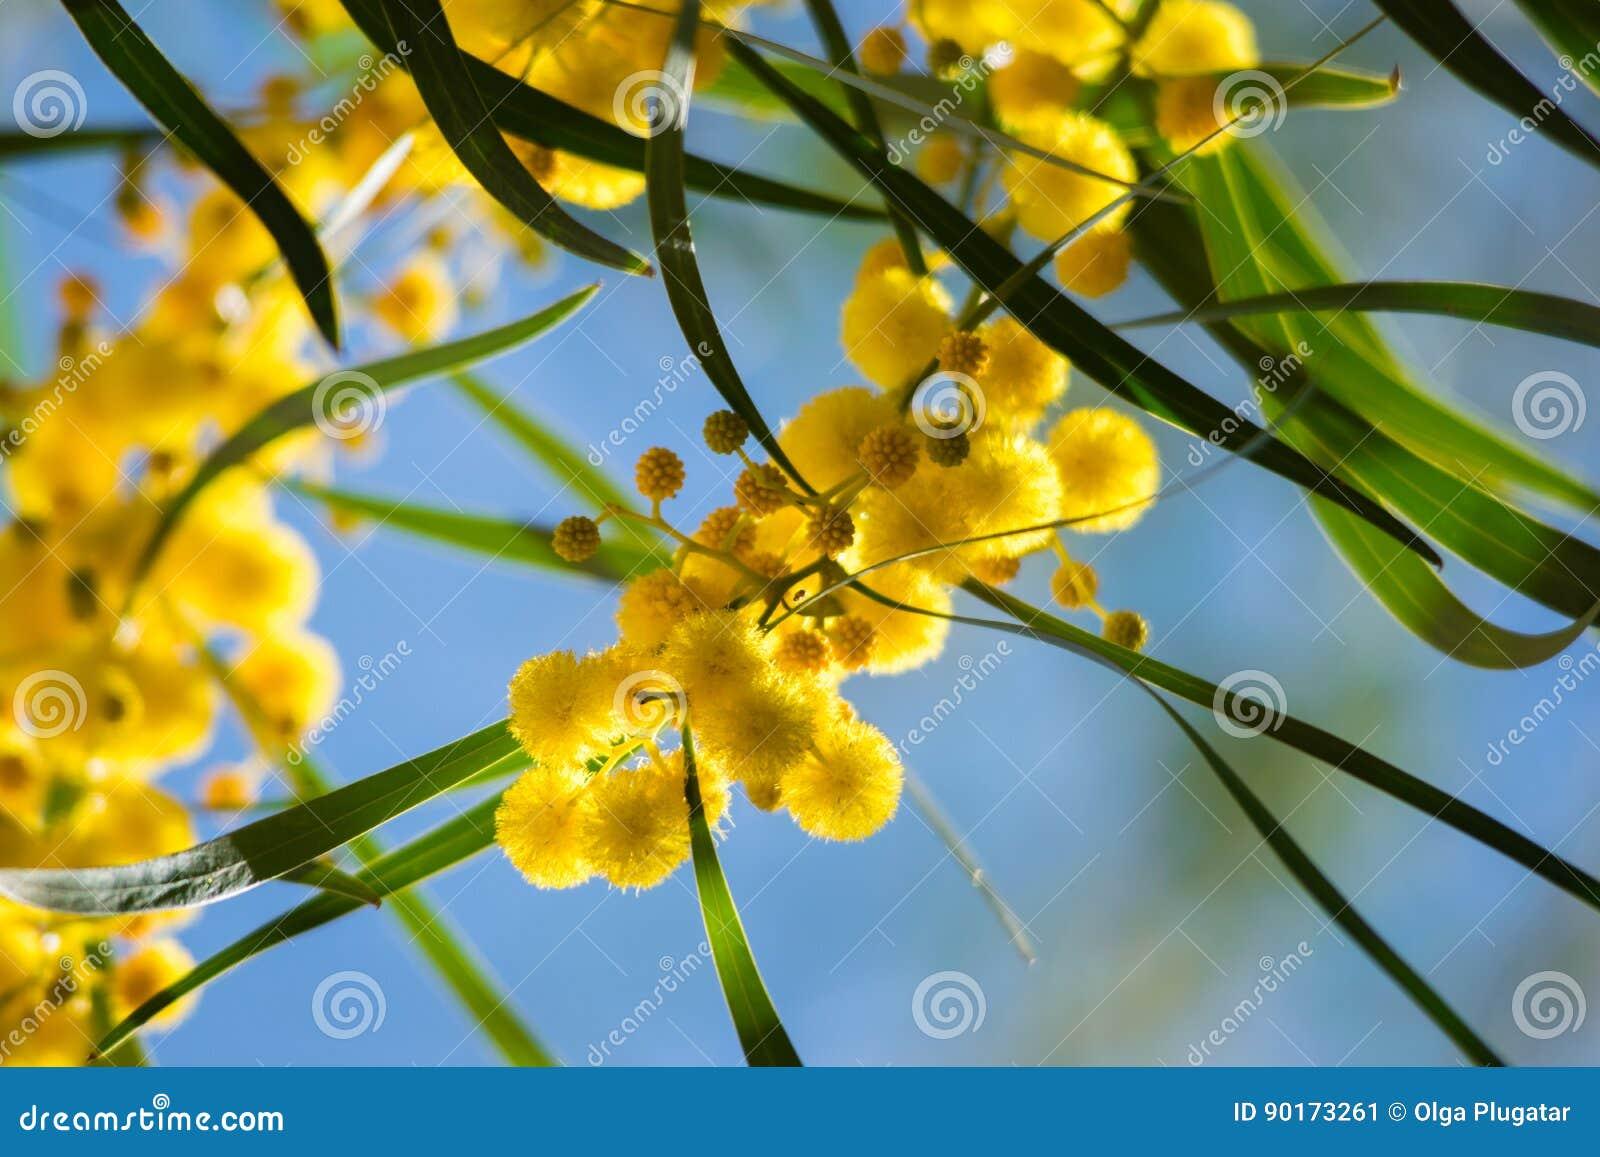 Blossoming Of Mimosa Tree Acacia Pycnantha Golden Wattle Close Up